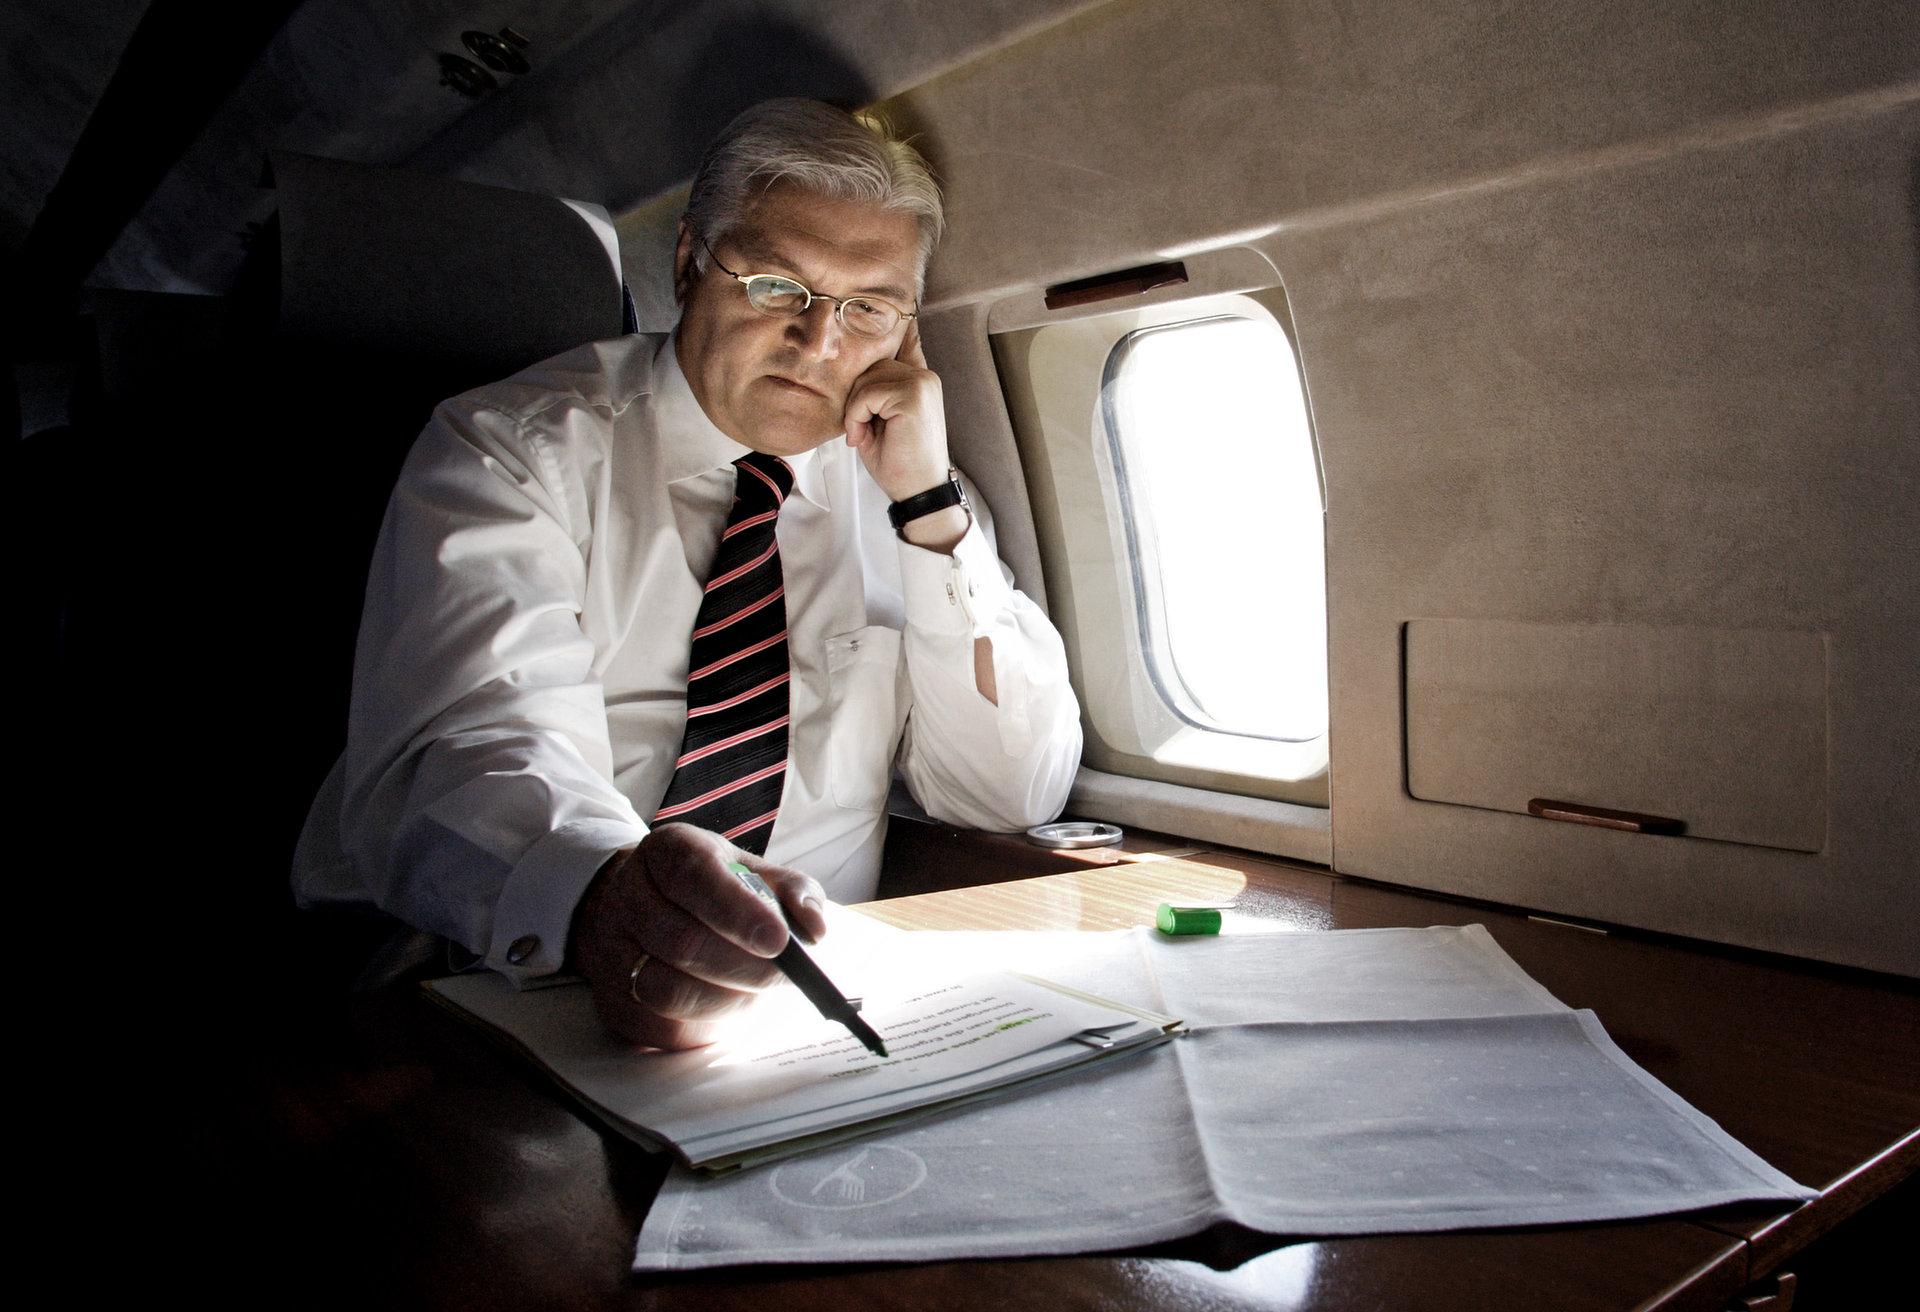 Frank-Walter Steinmeier, President o